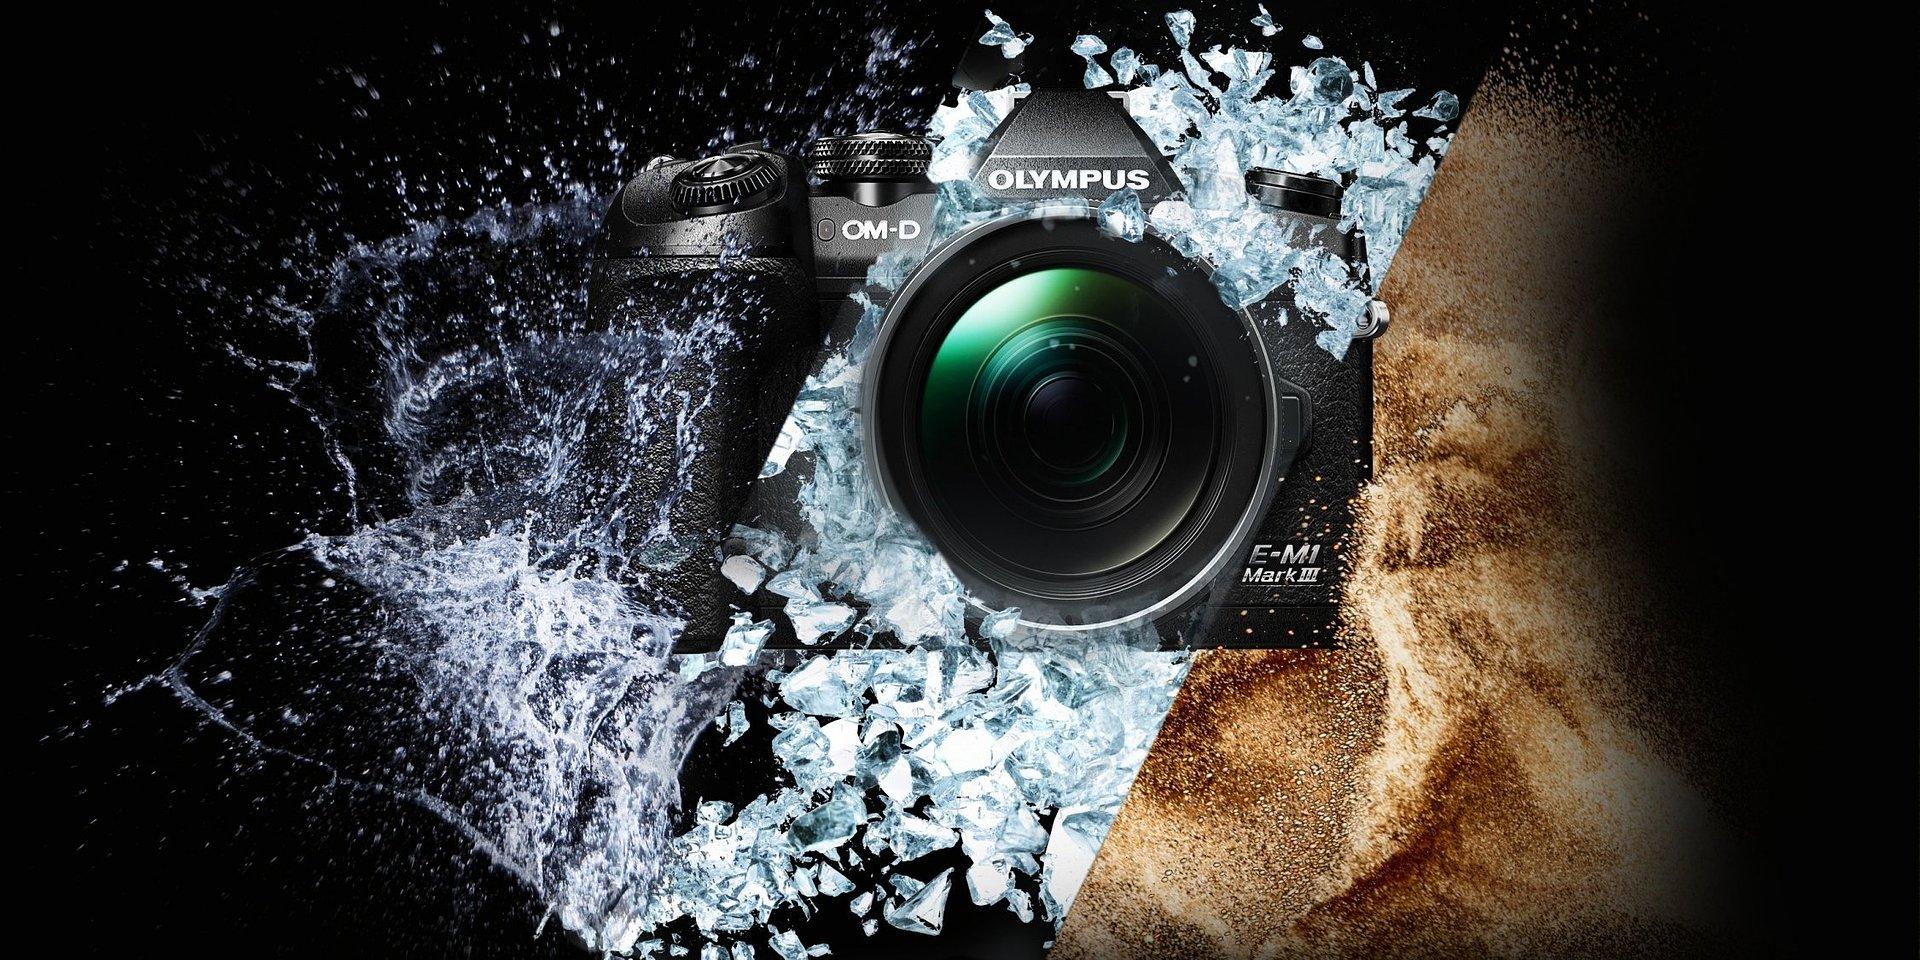 Nowe oprogramowanie, które umożliwia rejestrację i podgląd obrazu wideo z aparatów Olympus OM-D na monitorach i rekorderach Atomos Ninja V HDR